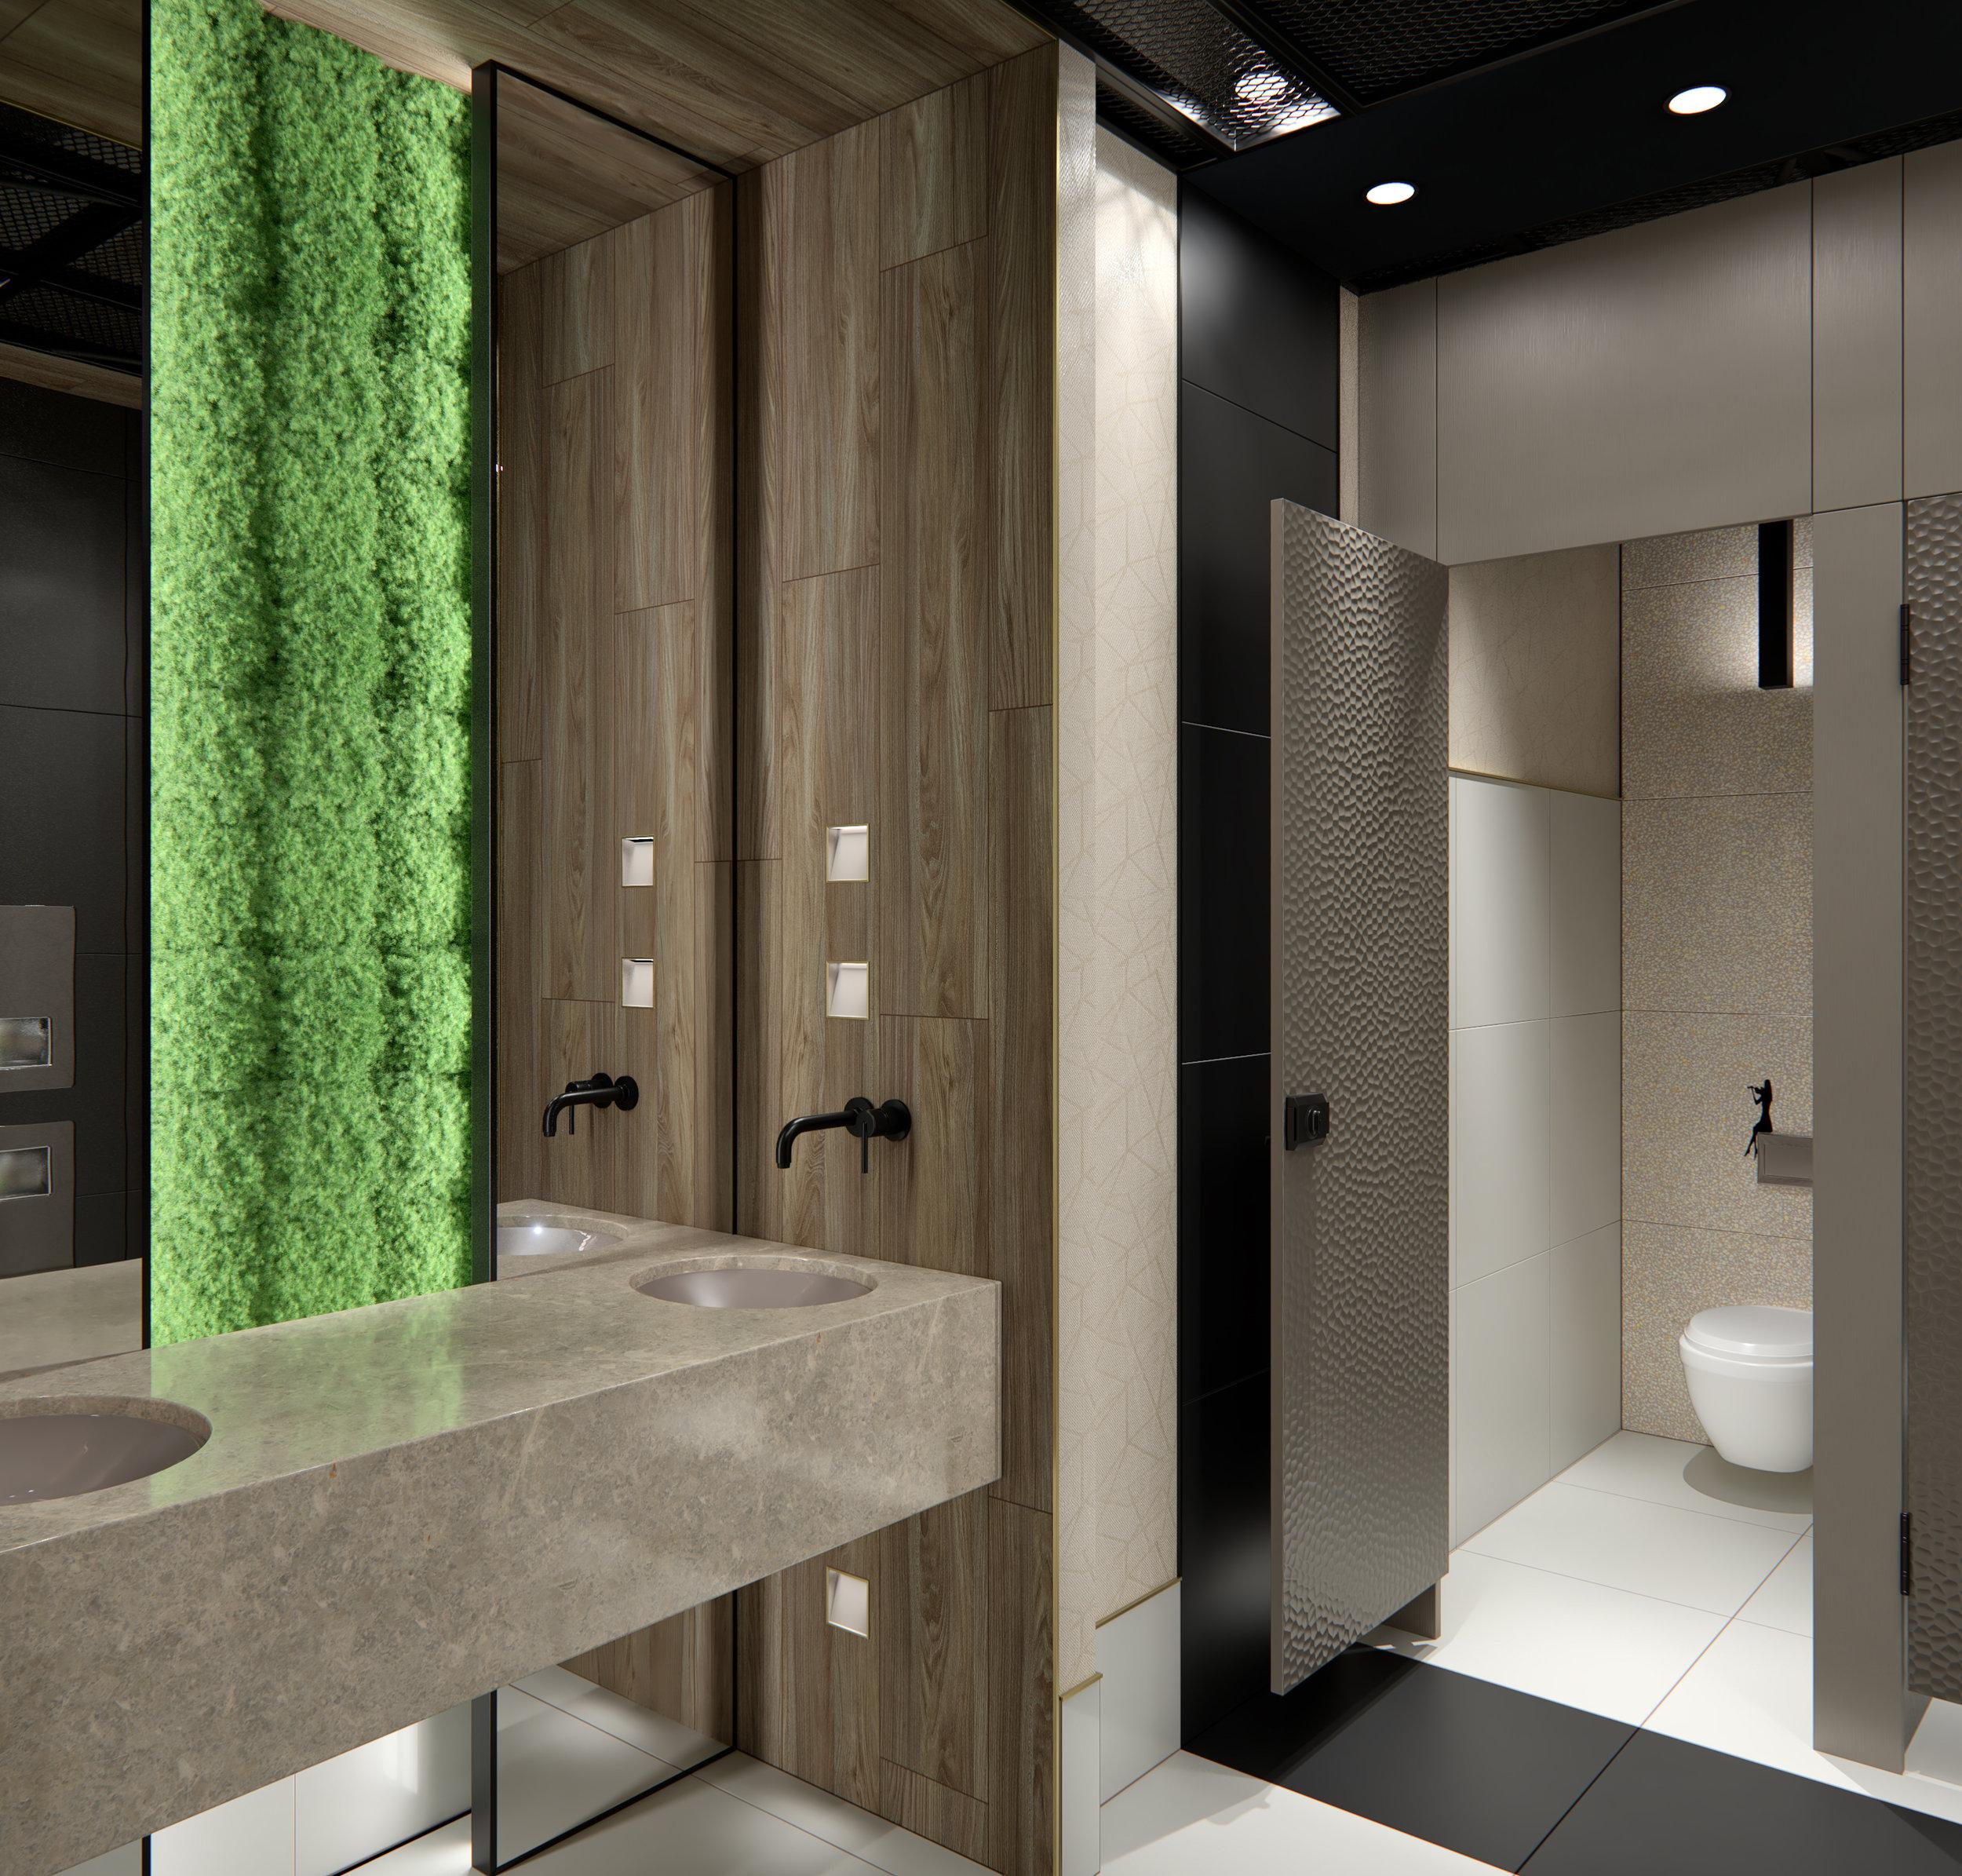 420 5TH AVENUE PUBLIC BATHROOM - WOMEN - 1.jpg